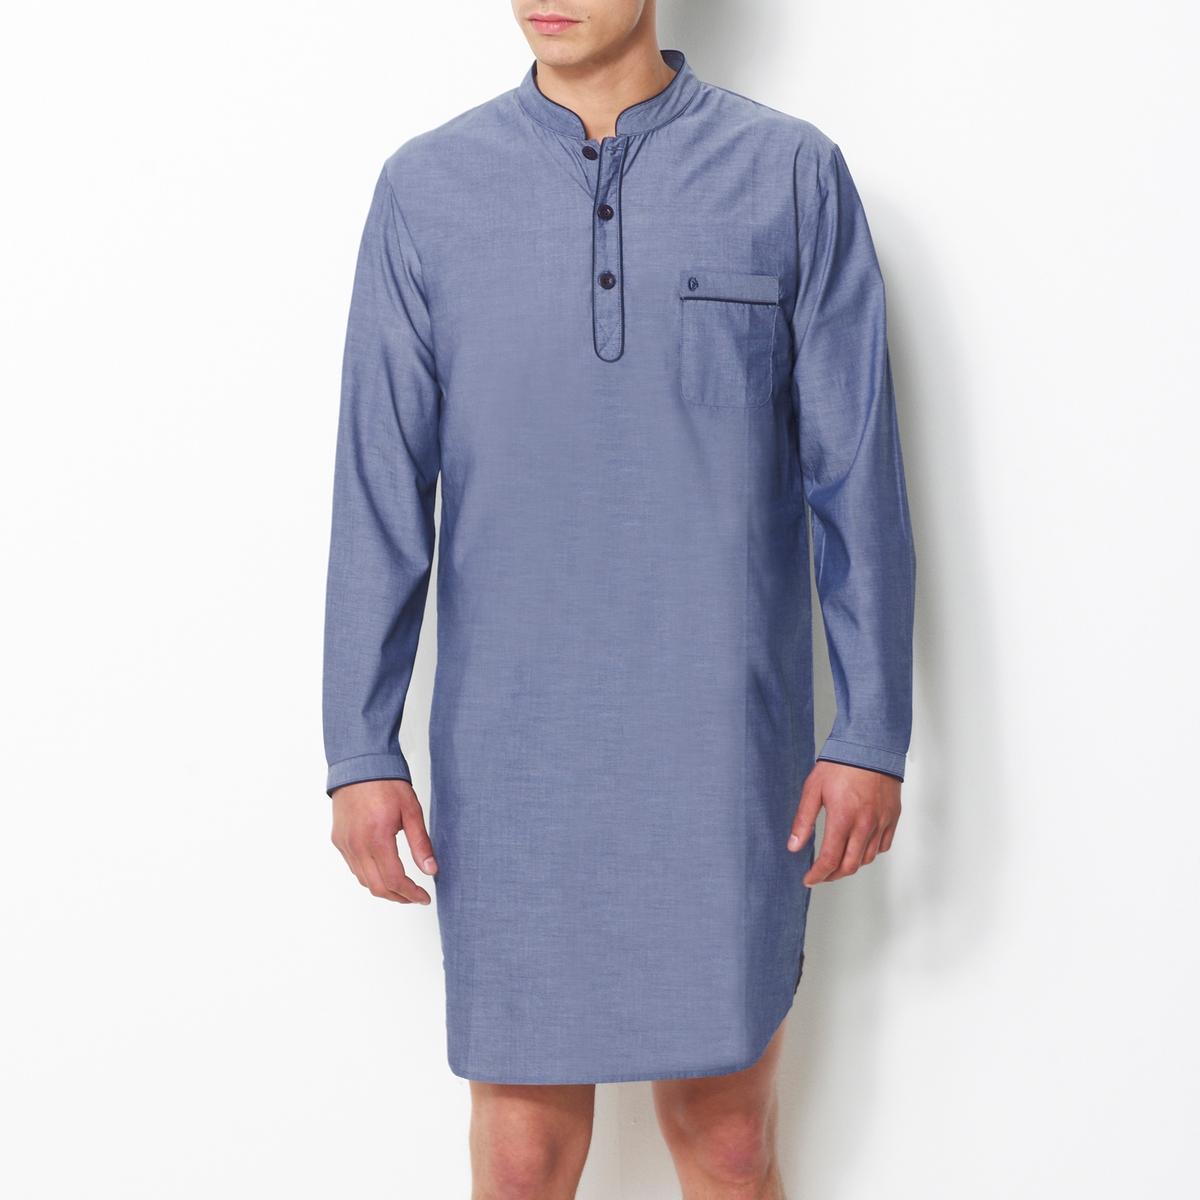 Пижама-рубашка La Redoute В полоску из поплина S синий платье рубашка la redoute джинсовое с поясом m синий